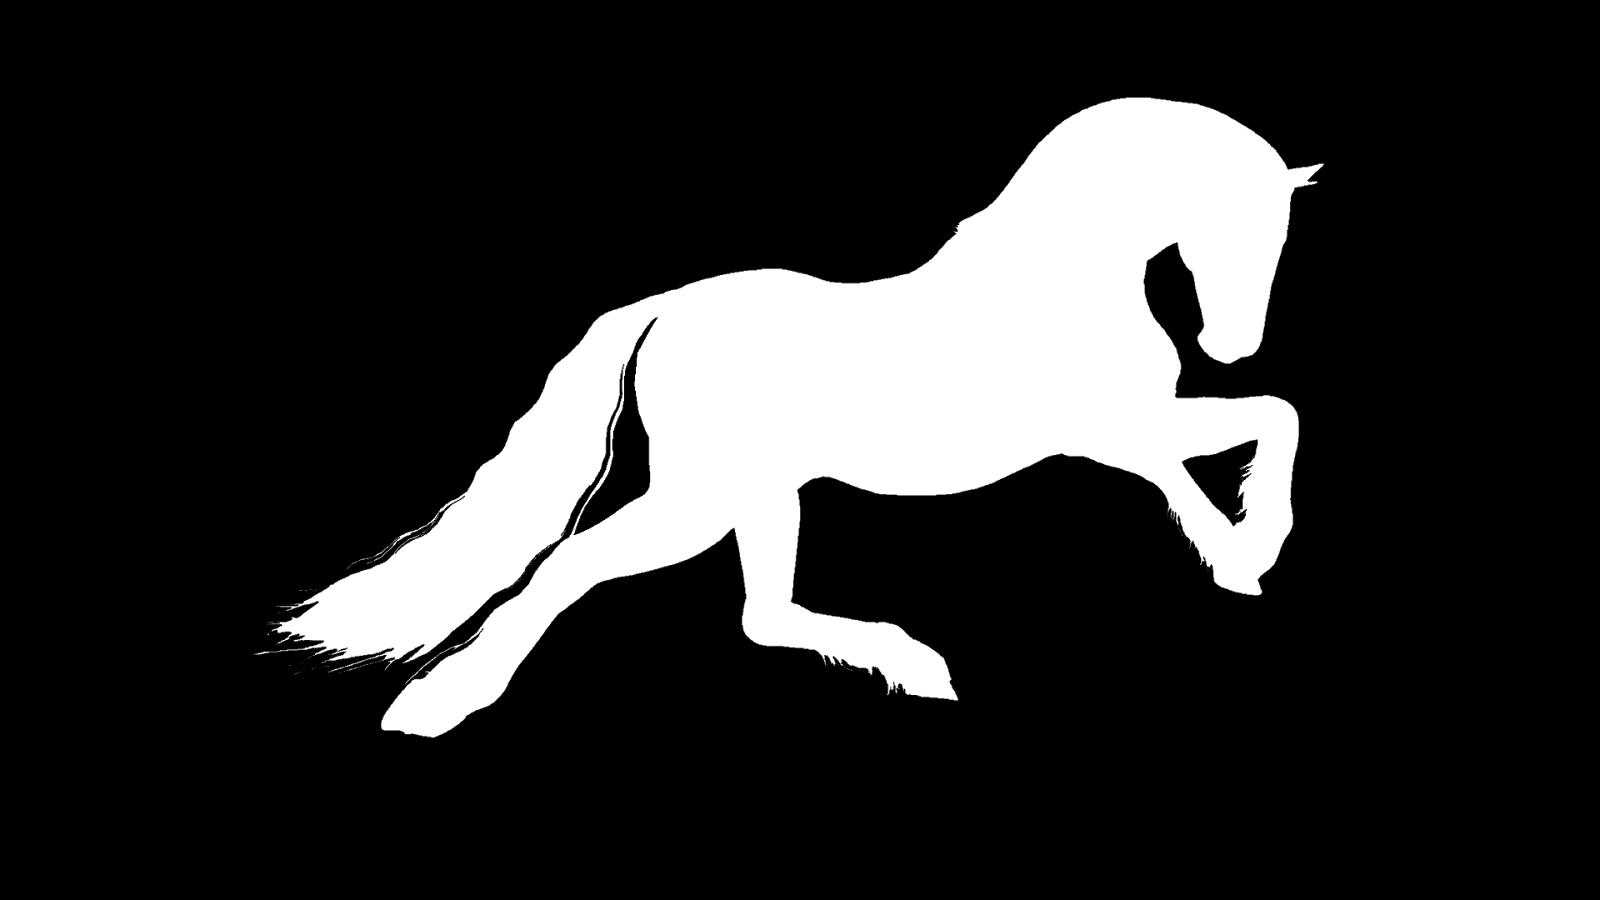 Silhueta invertida - Cavalo2_compressed Caesium